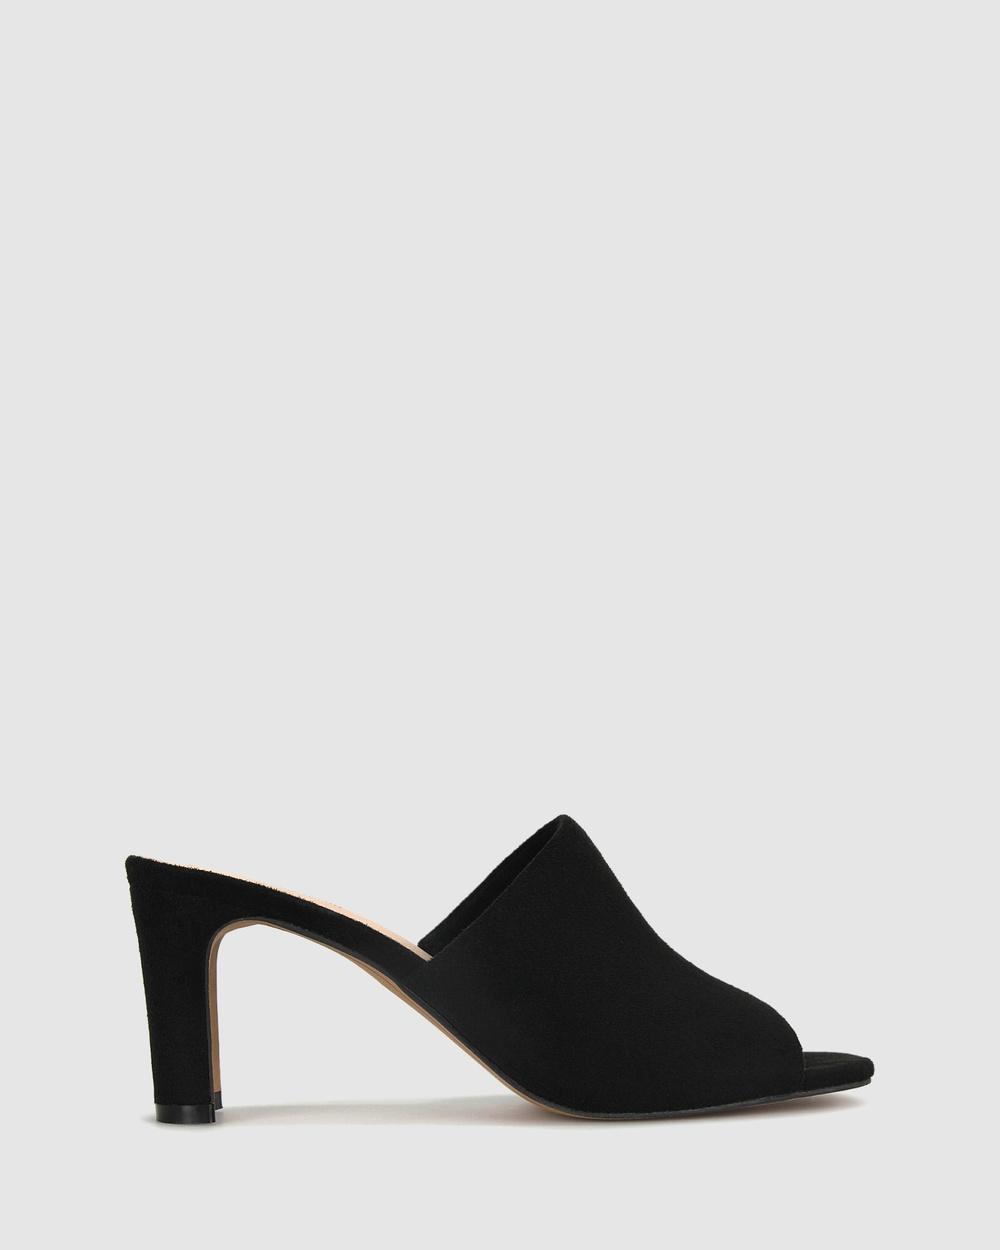 Betts Kara Square Toe Mules Sandals Black